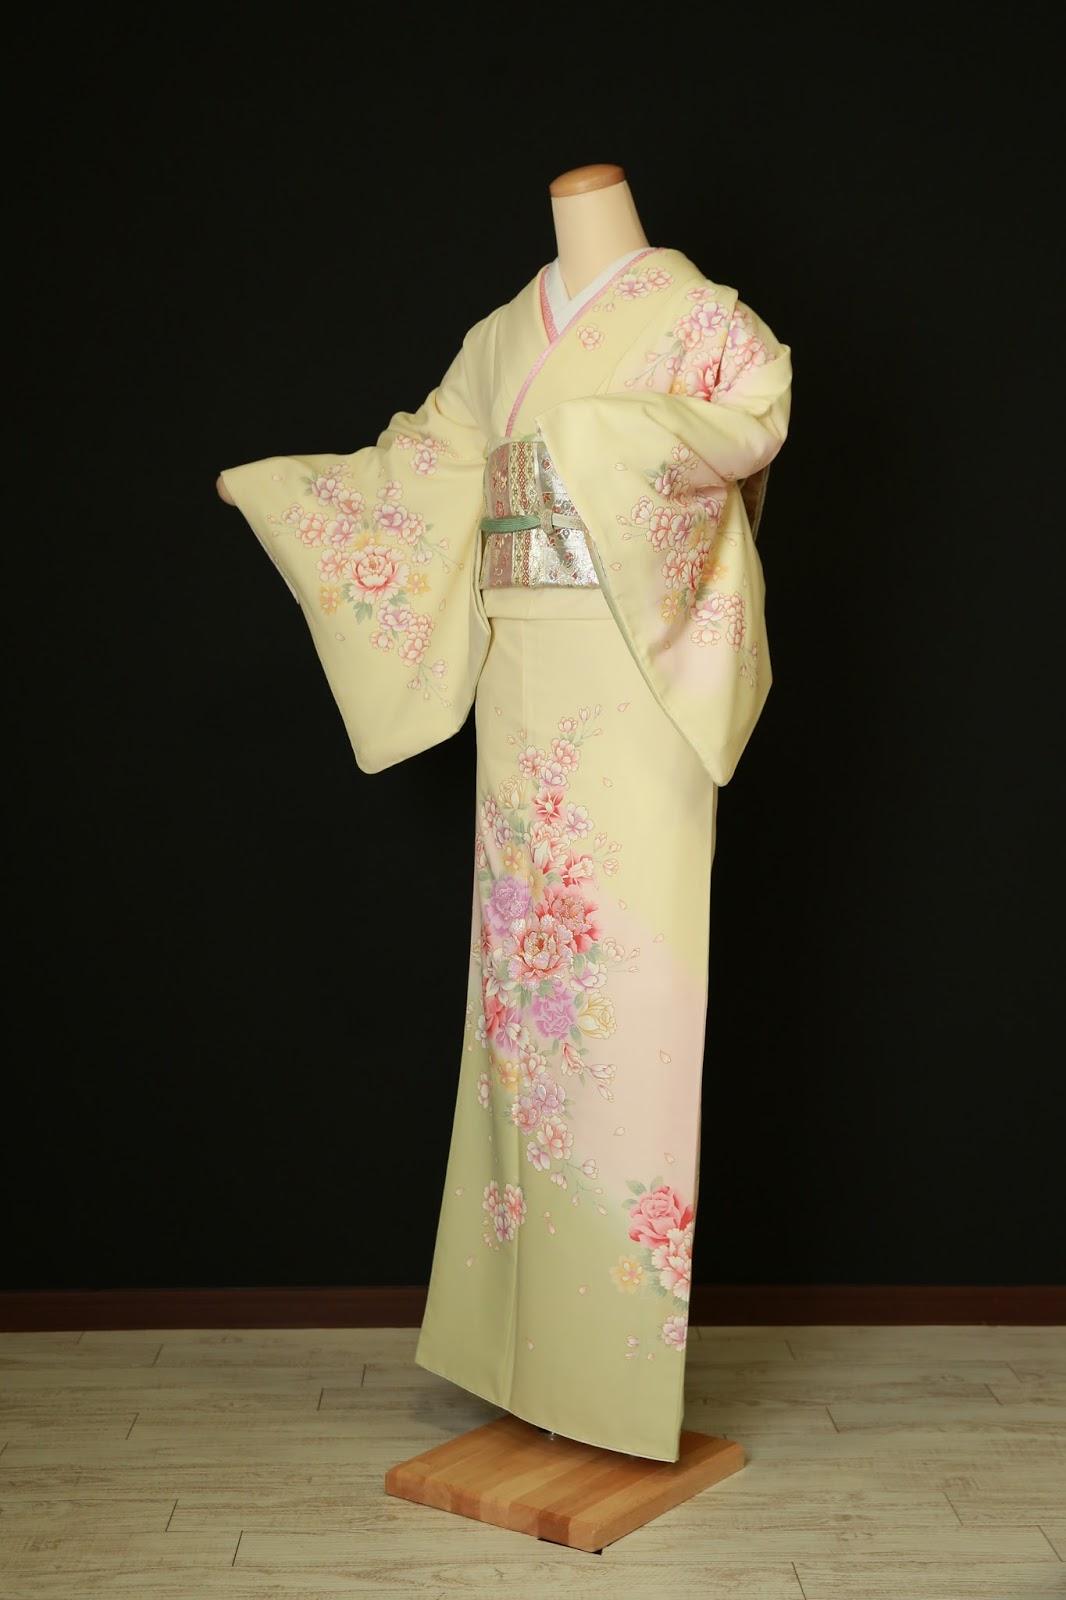 衣装カタログ | スタジオパセラ横浜関内店   SH-004黄色 着丈162cm/裄69cm※帯・小物類はイメージの為、写真とは別の物になる場合があります。